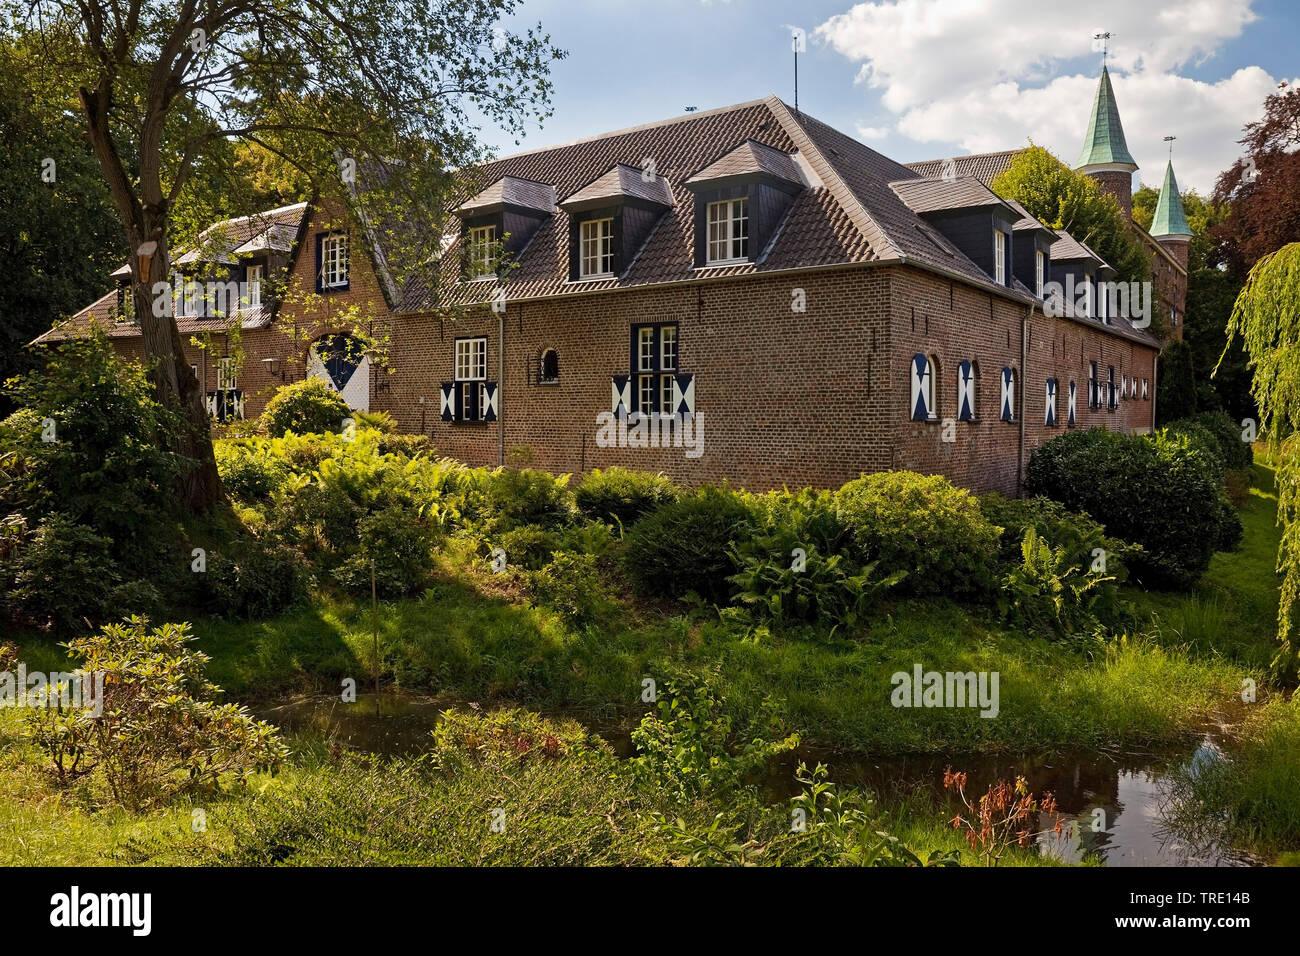 Schloss Walbeck, Deutschland, Nordrhein-Westfalen, Niederhein, Geldern | castle Walbeck, Germany, North Rhine-Westphalia, Niederhein, Geldern | BLWS51 - Stock Image